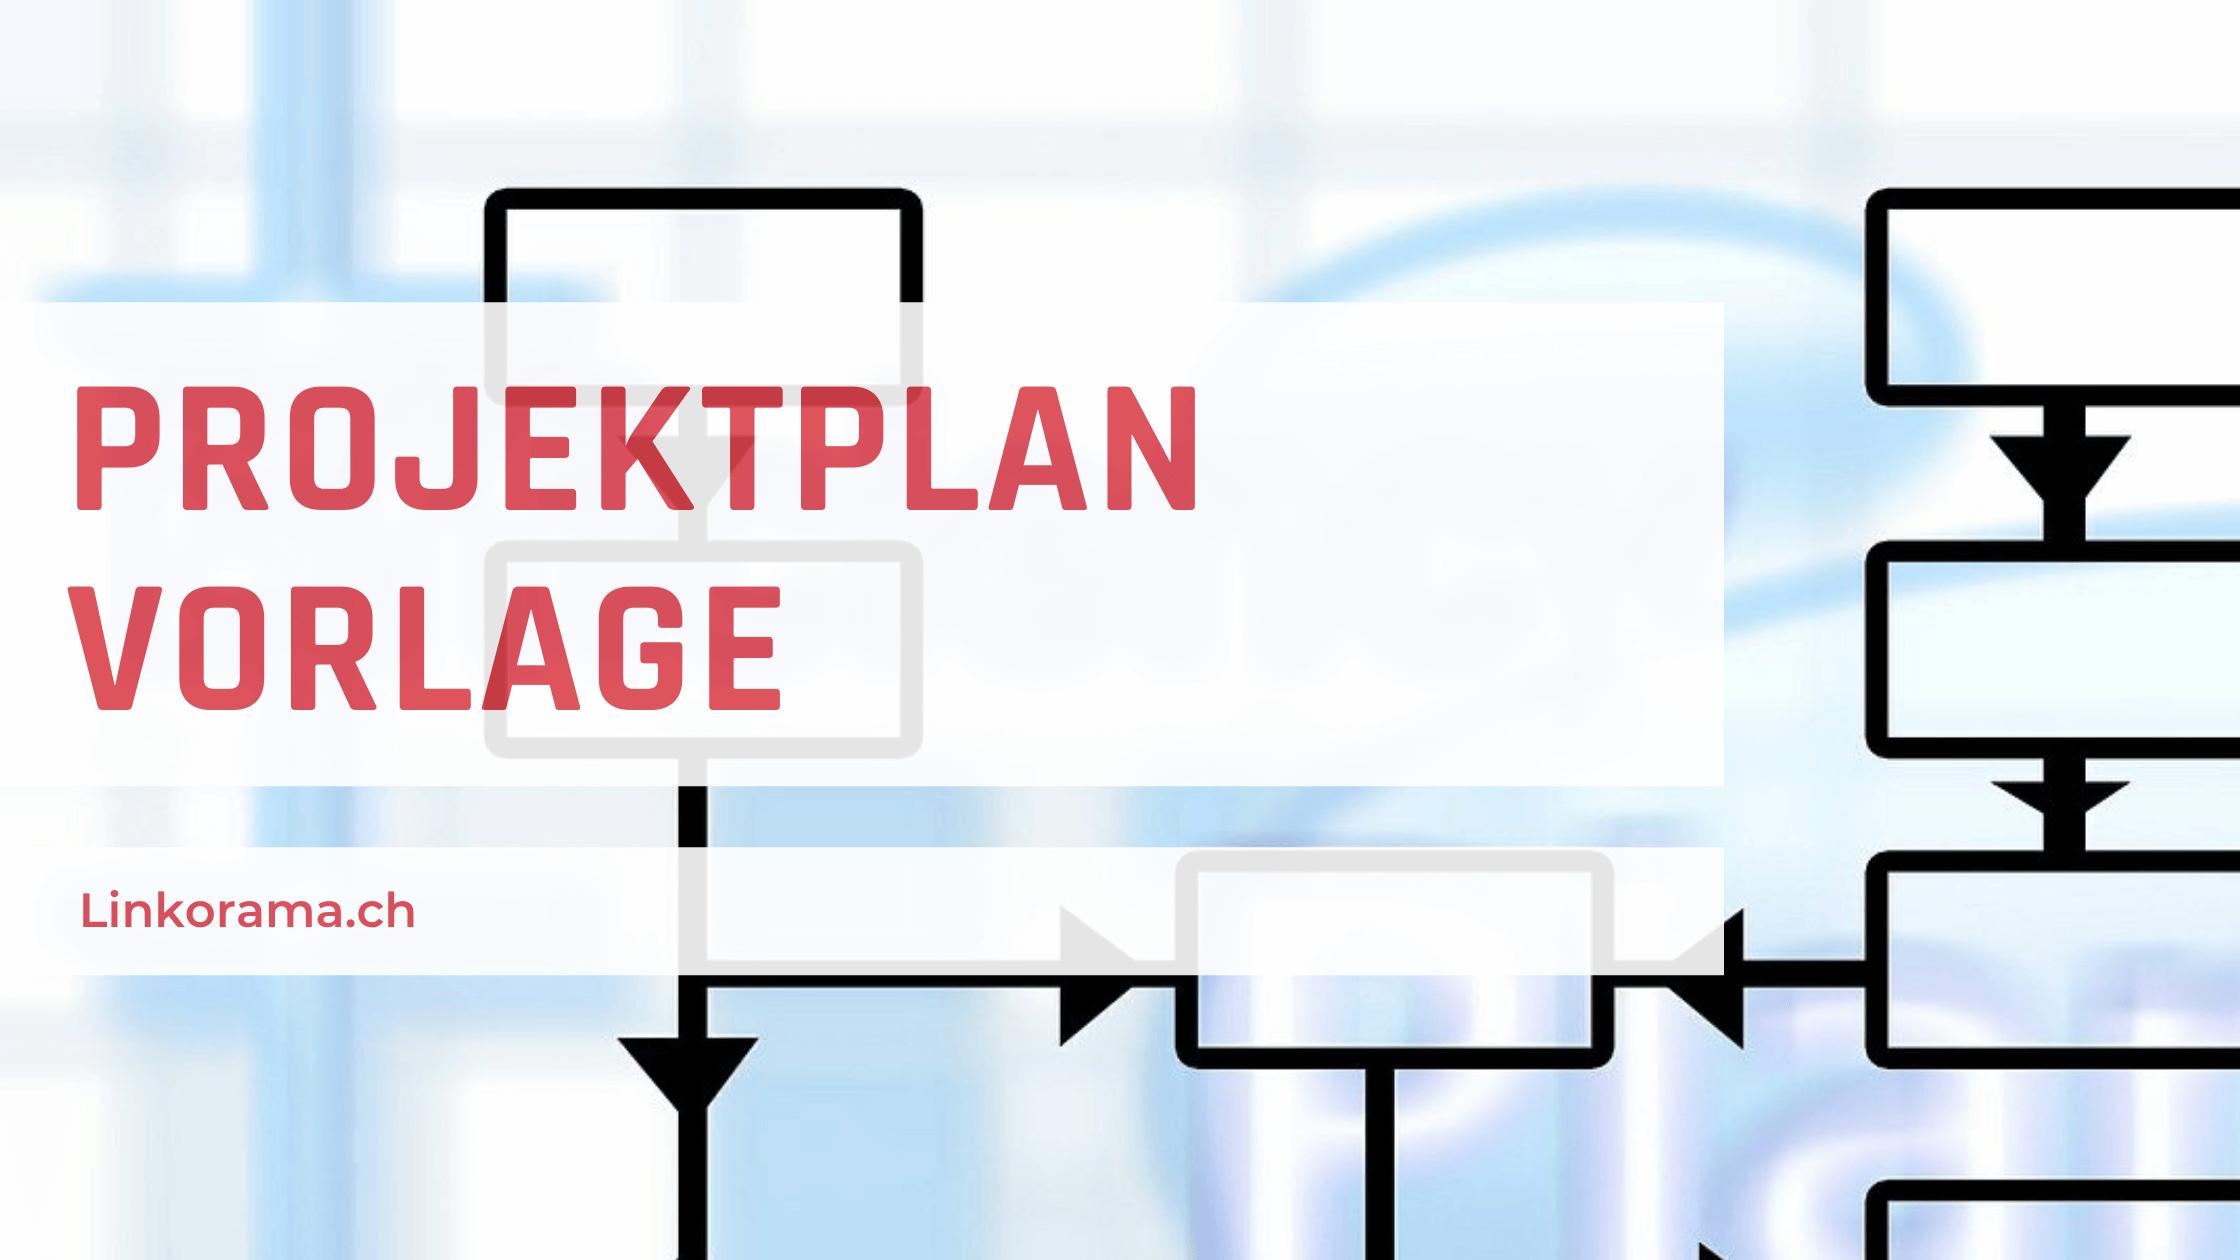 Projektplan Vorlage